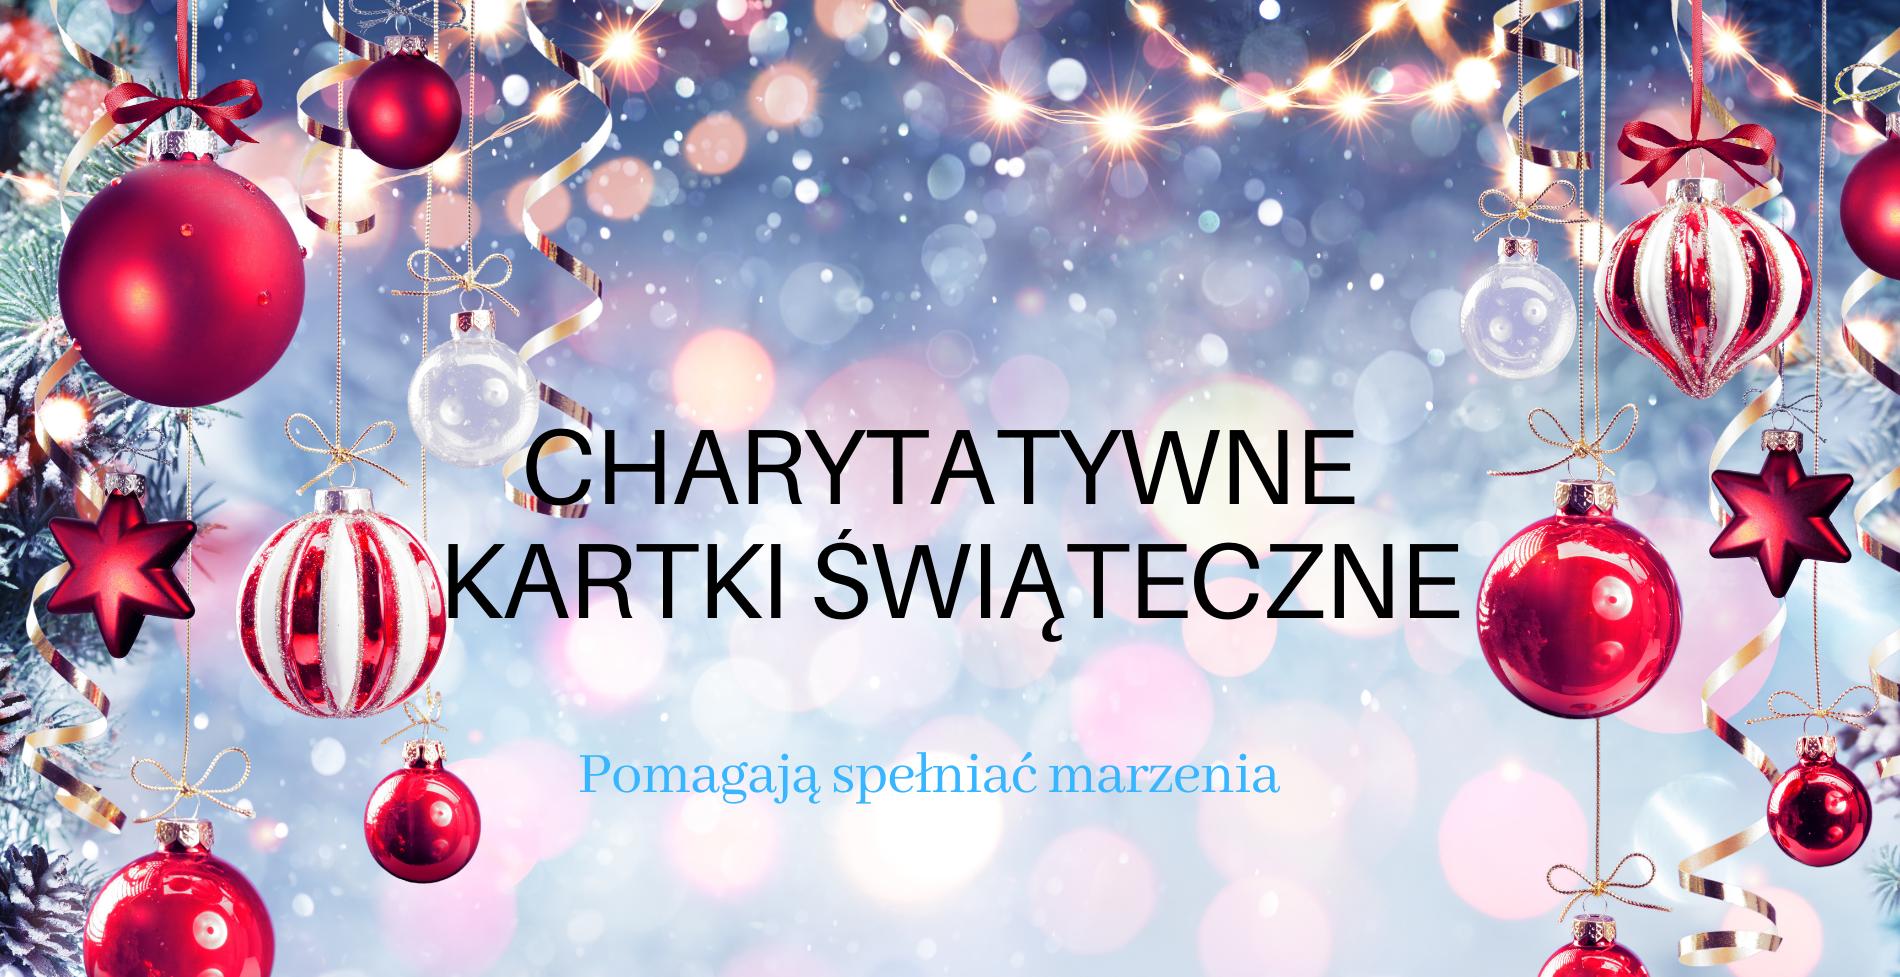 Charytatywne kartki świąteczne – slajder